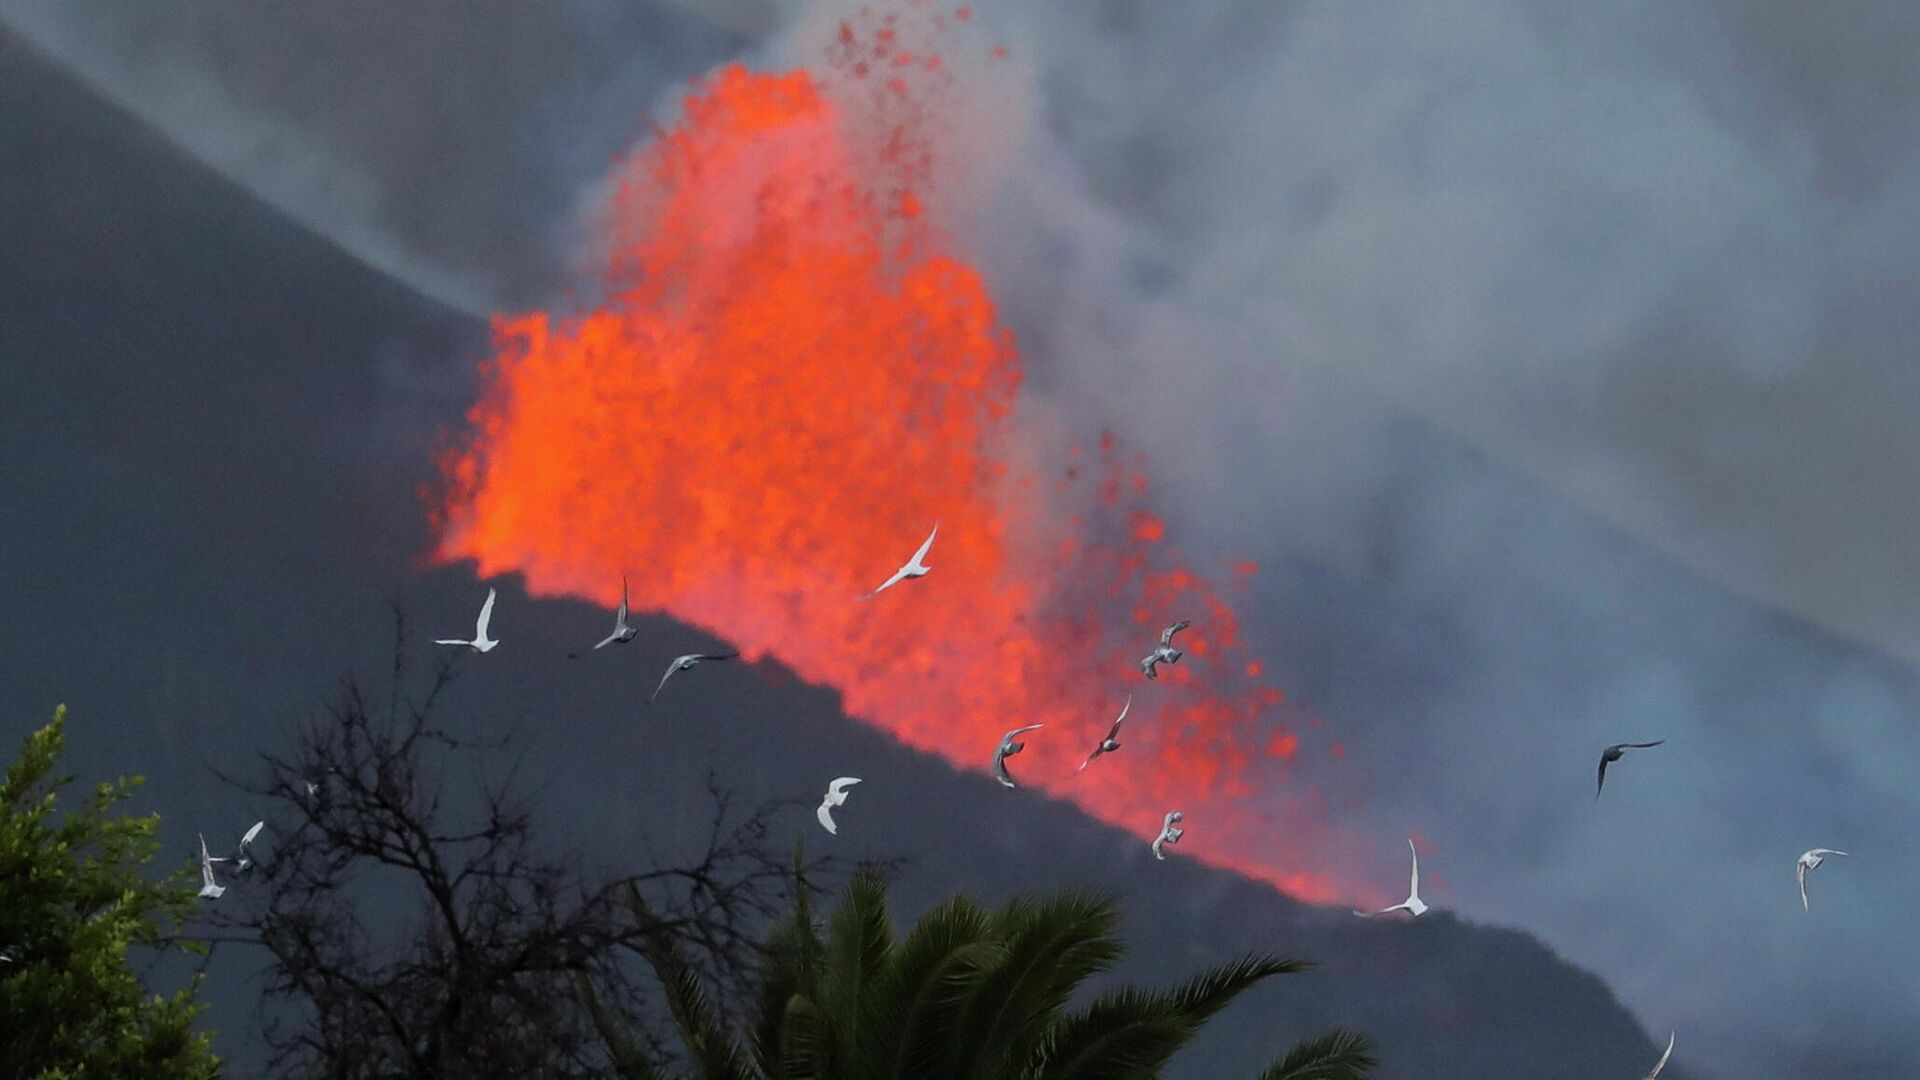 La lava sale expulsada del volcán de Cumbre Vieja (La Palma) - Sputnik Mundo, 1920, 28.09.2021